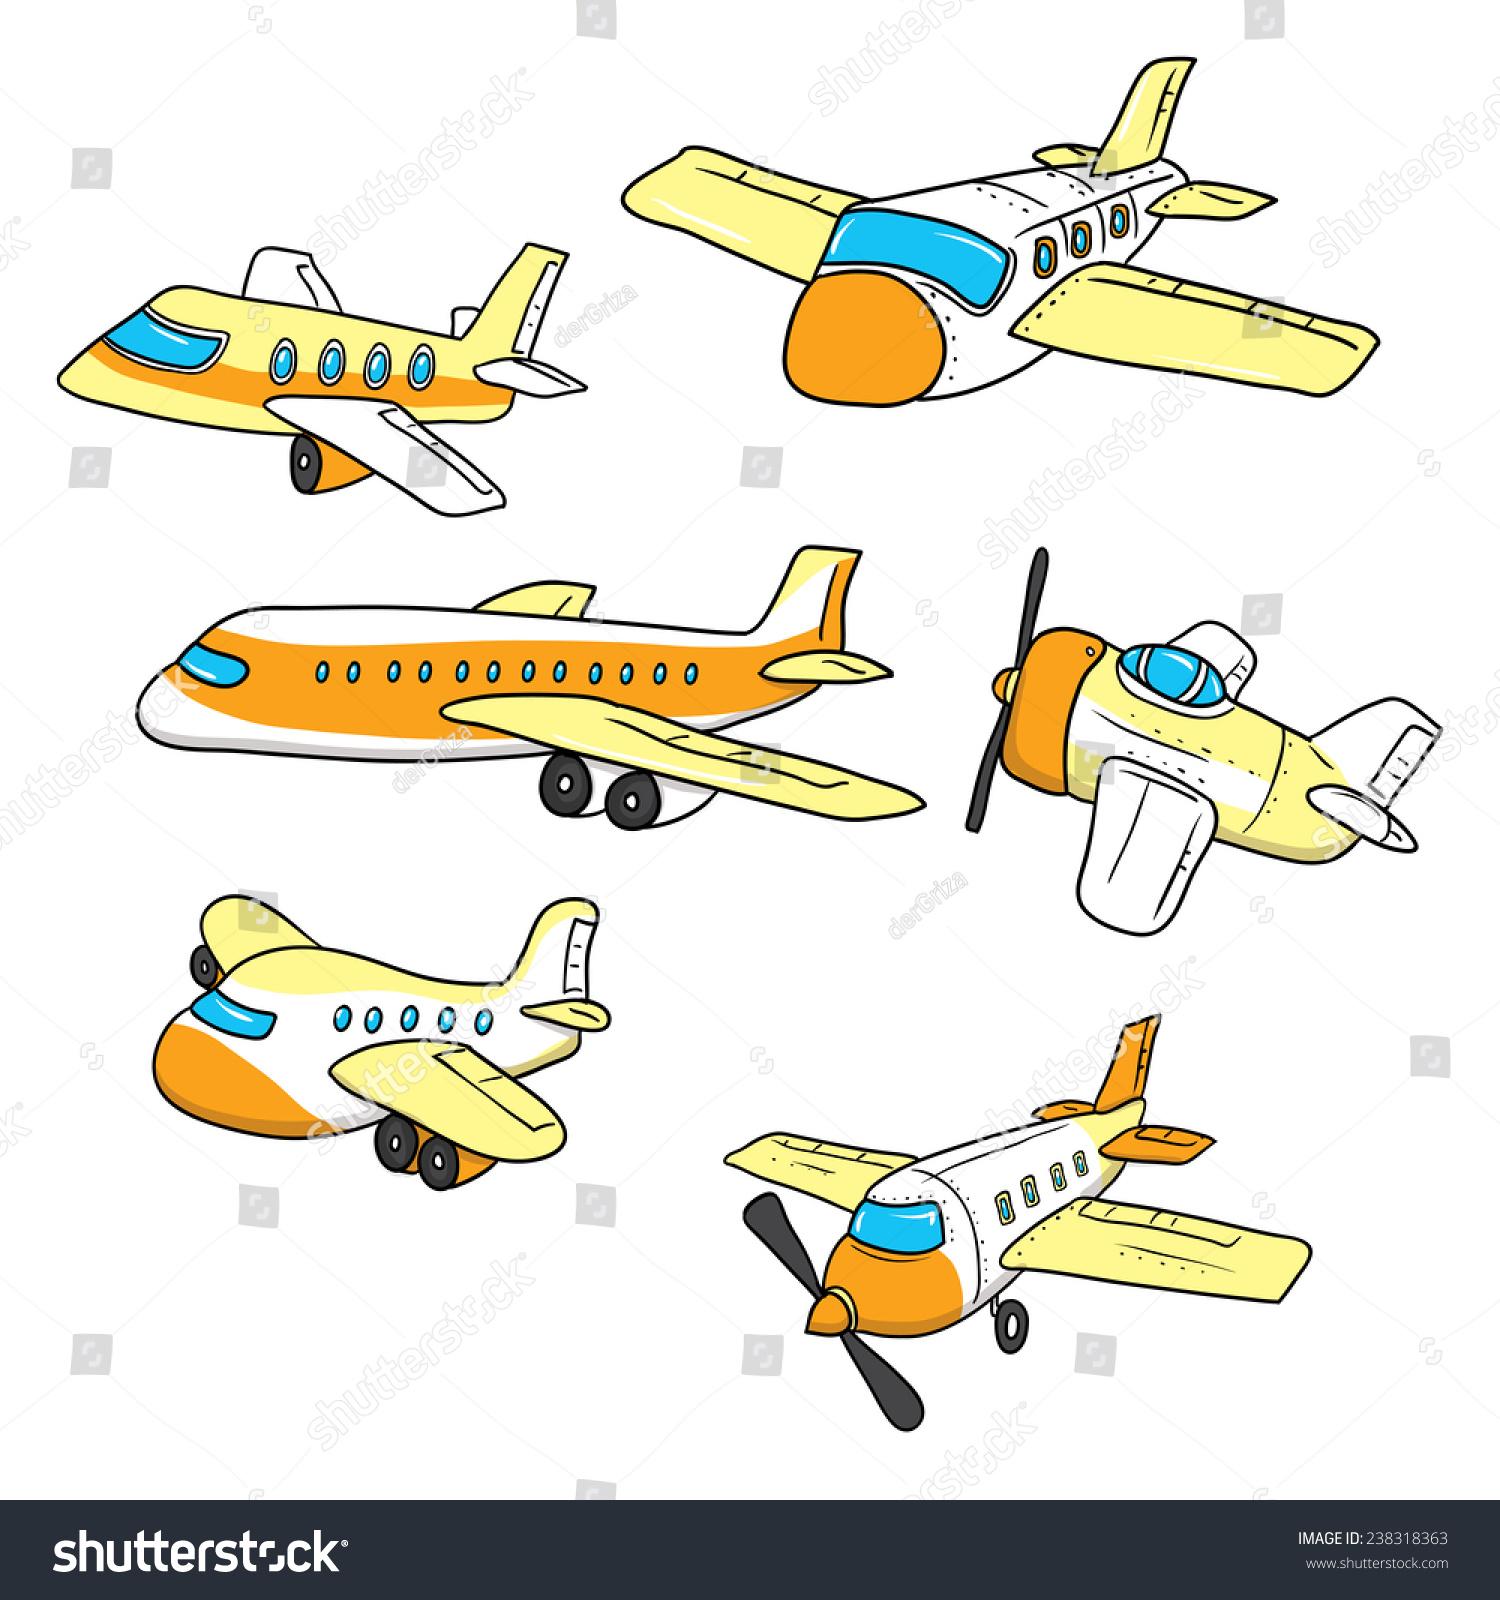 手绘飞机.卡通矢量插图